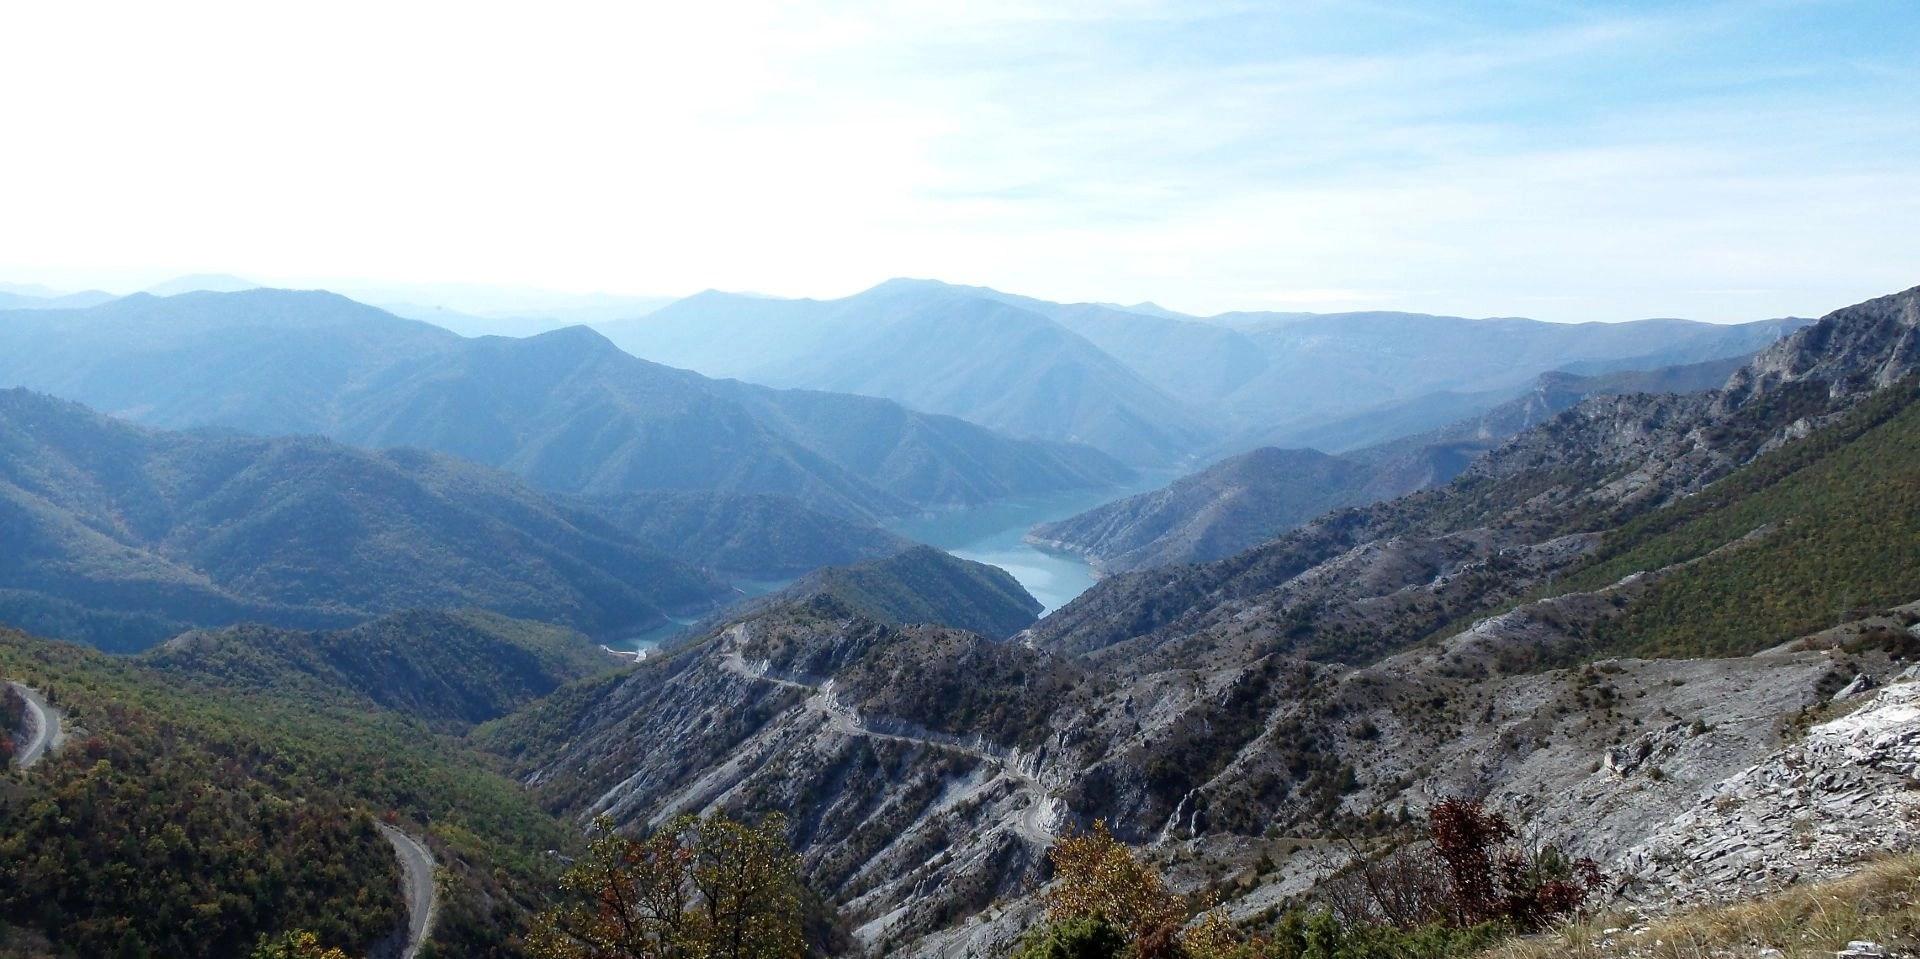 Viewpoint at Kozjak Macedonia